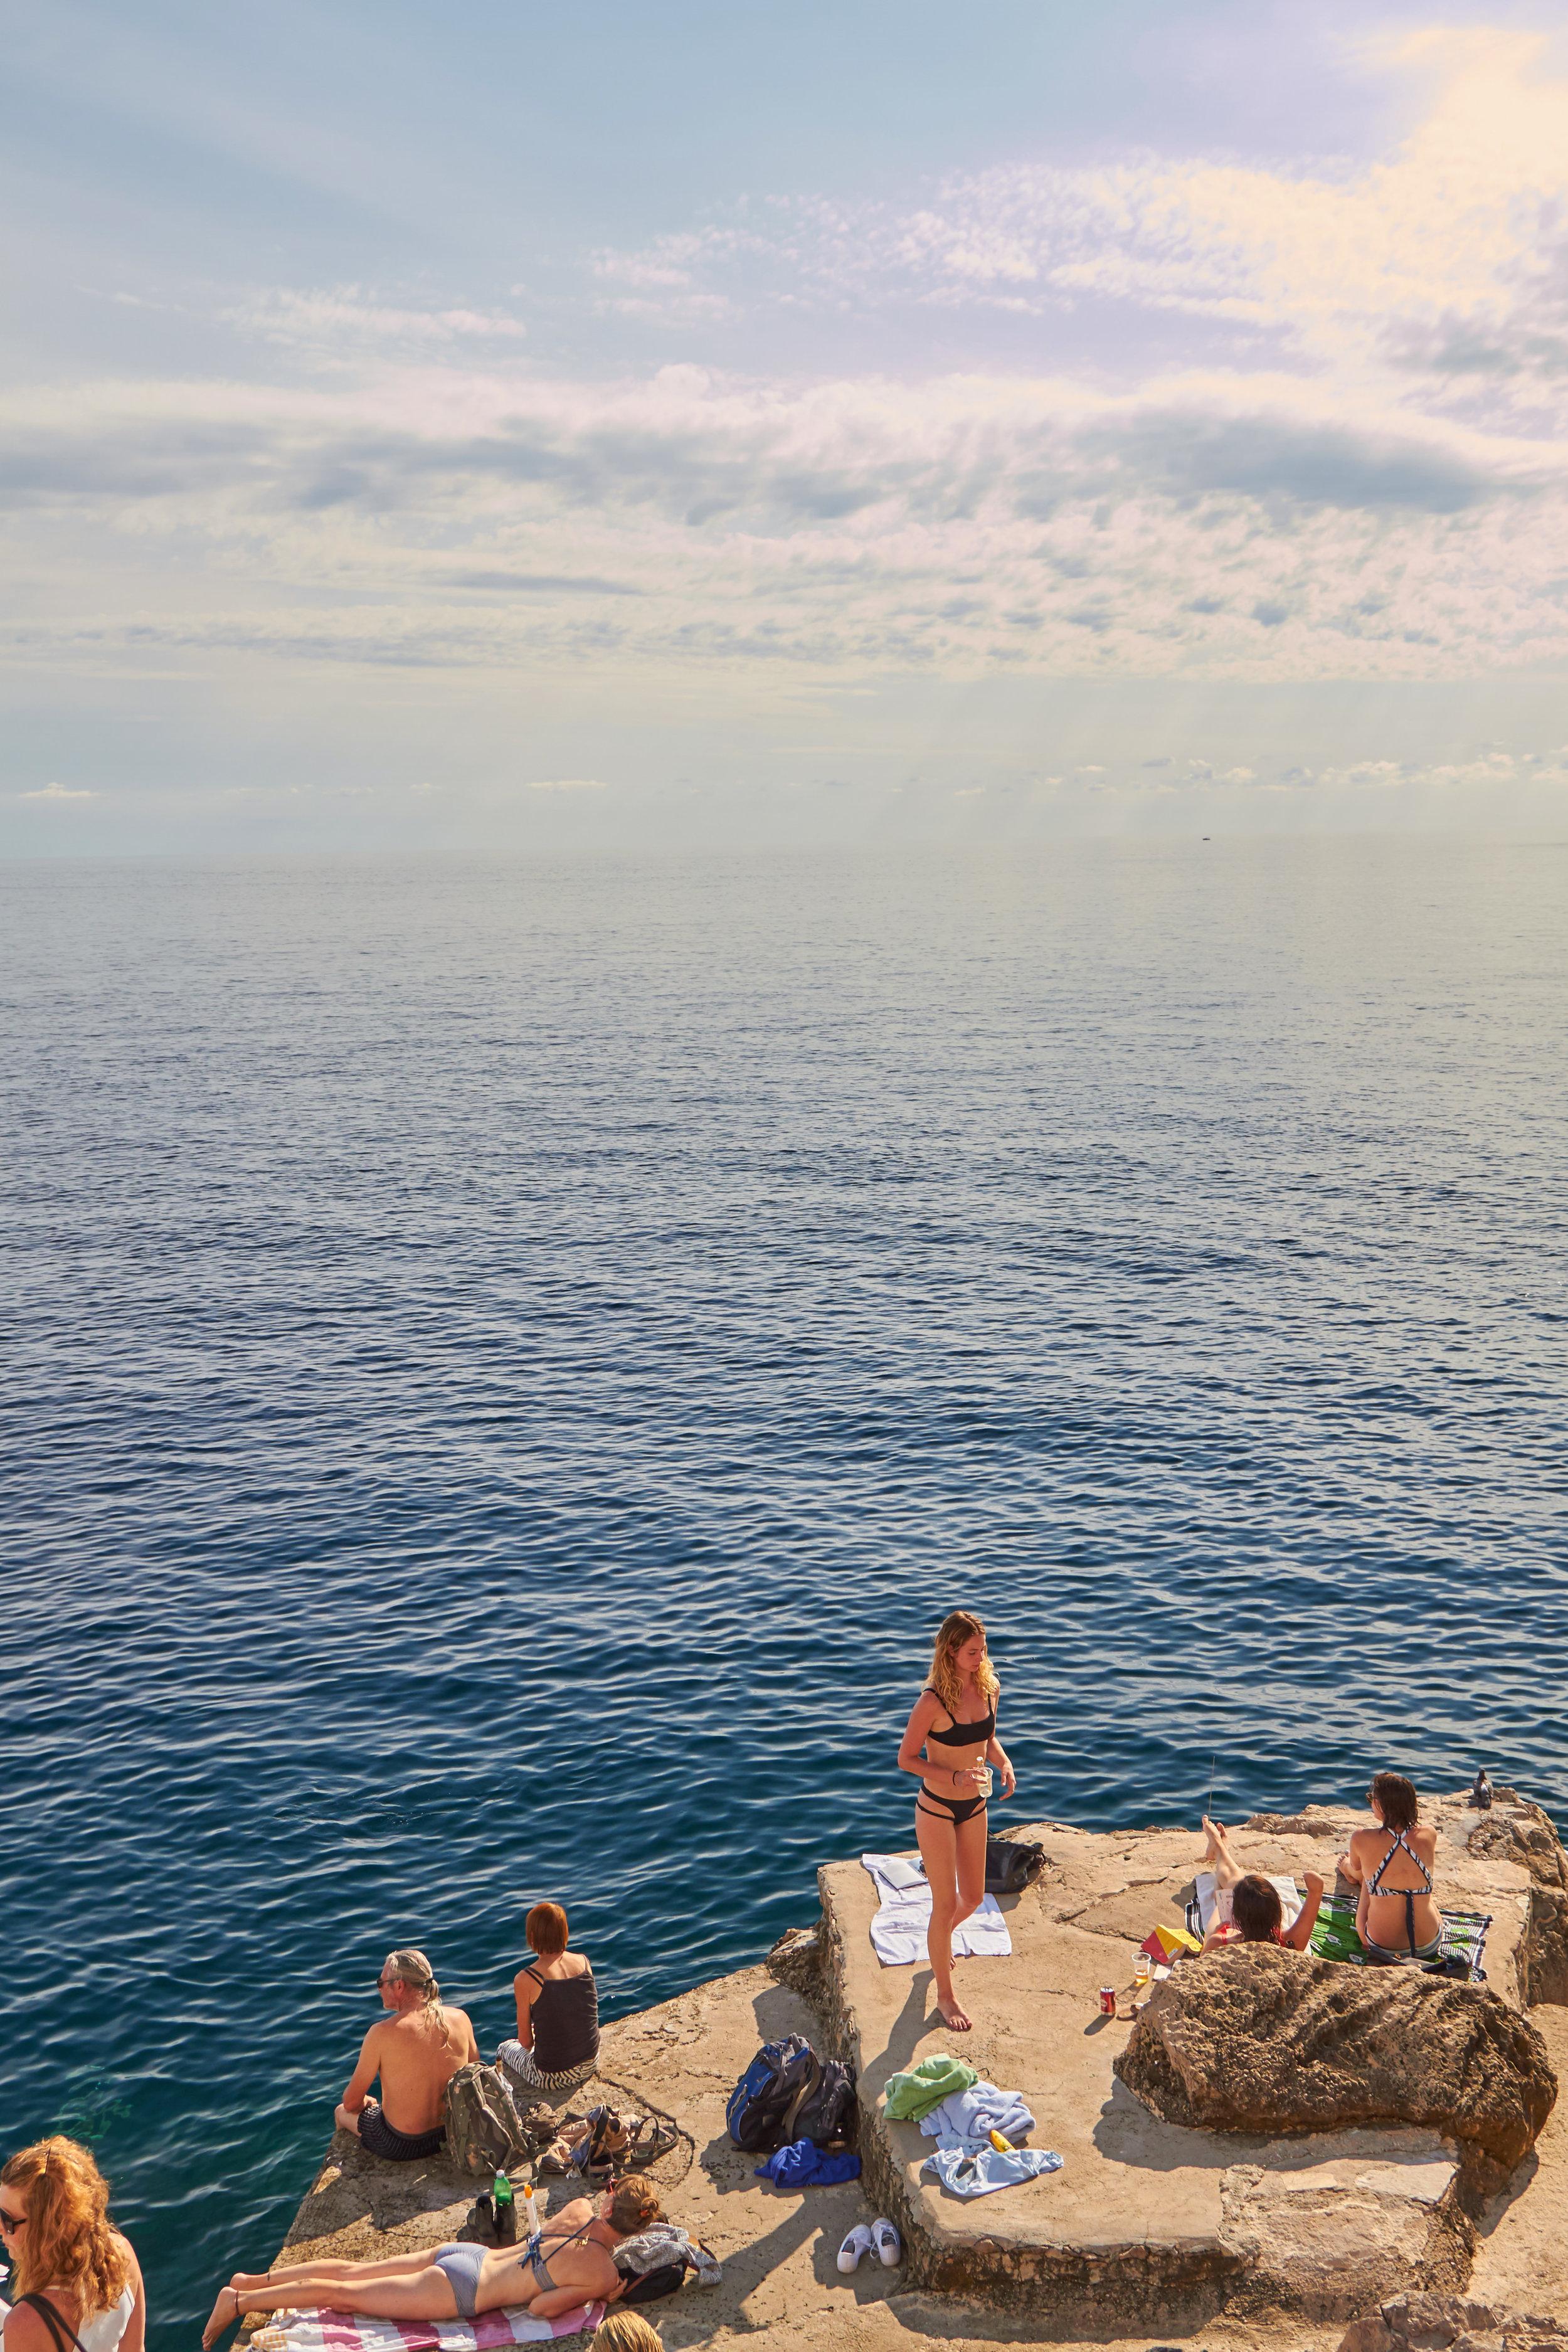 4_25-09-17_Dubrovnik_0014_PROCESSED.jpg